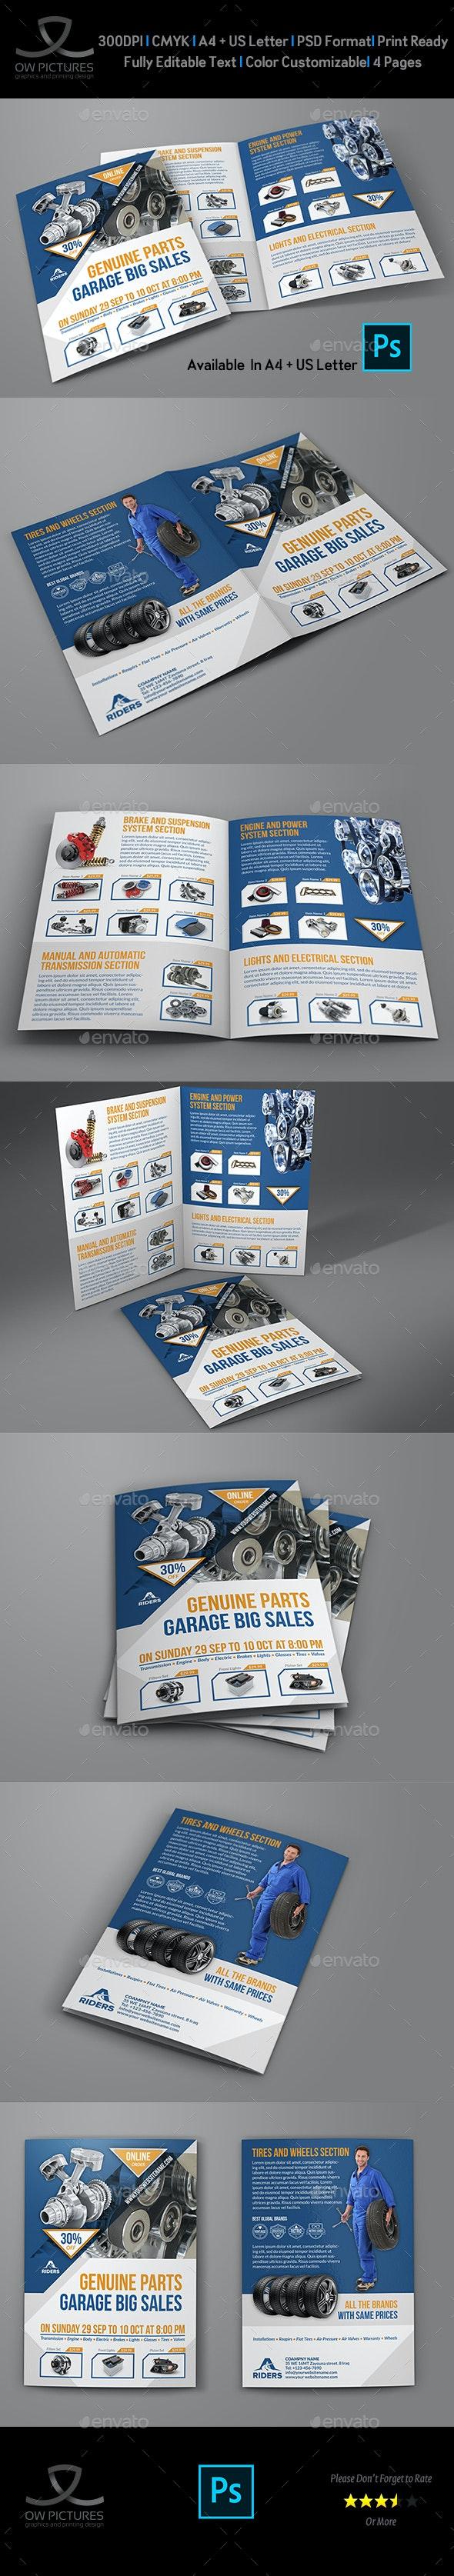 Auto Parts Catalog Bi-Fold Brochure Template Vol.4 - Brochures Print Templates